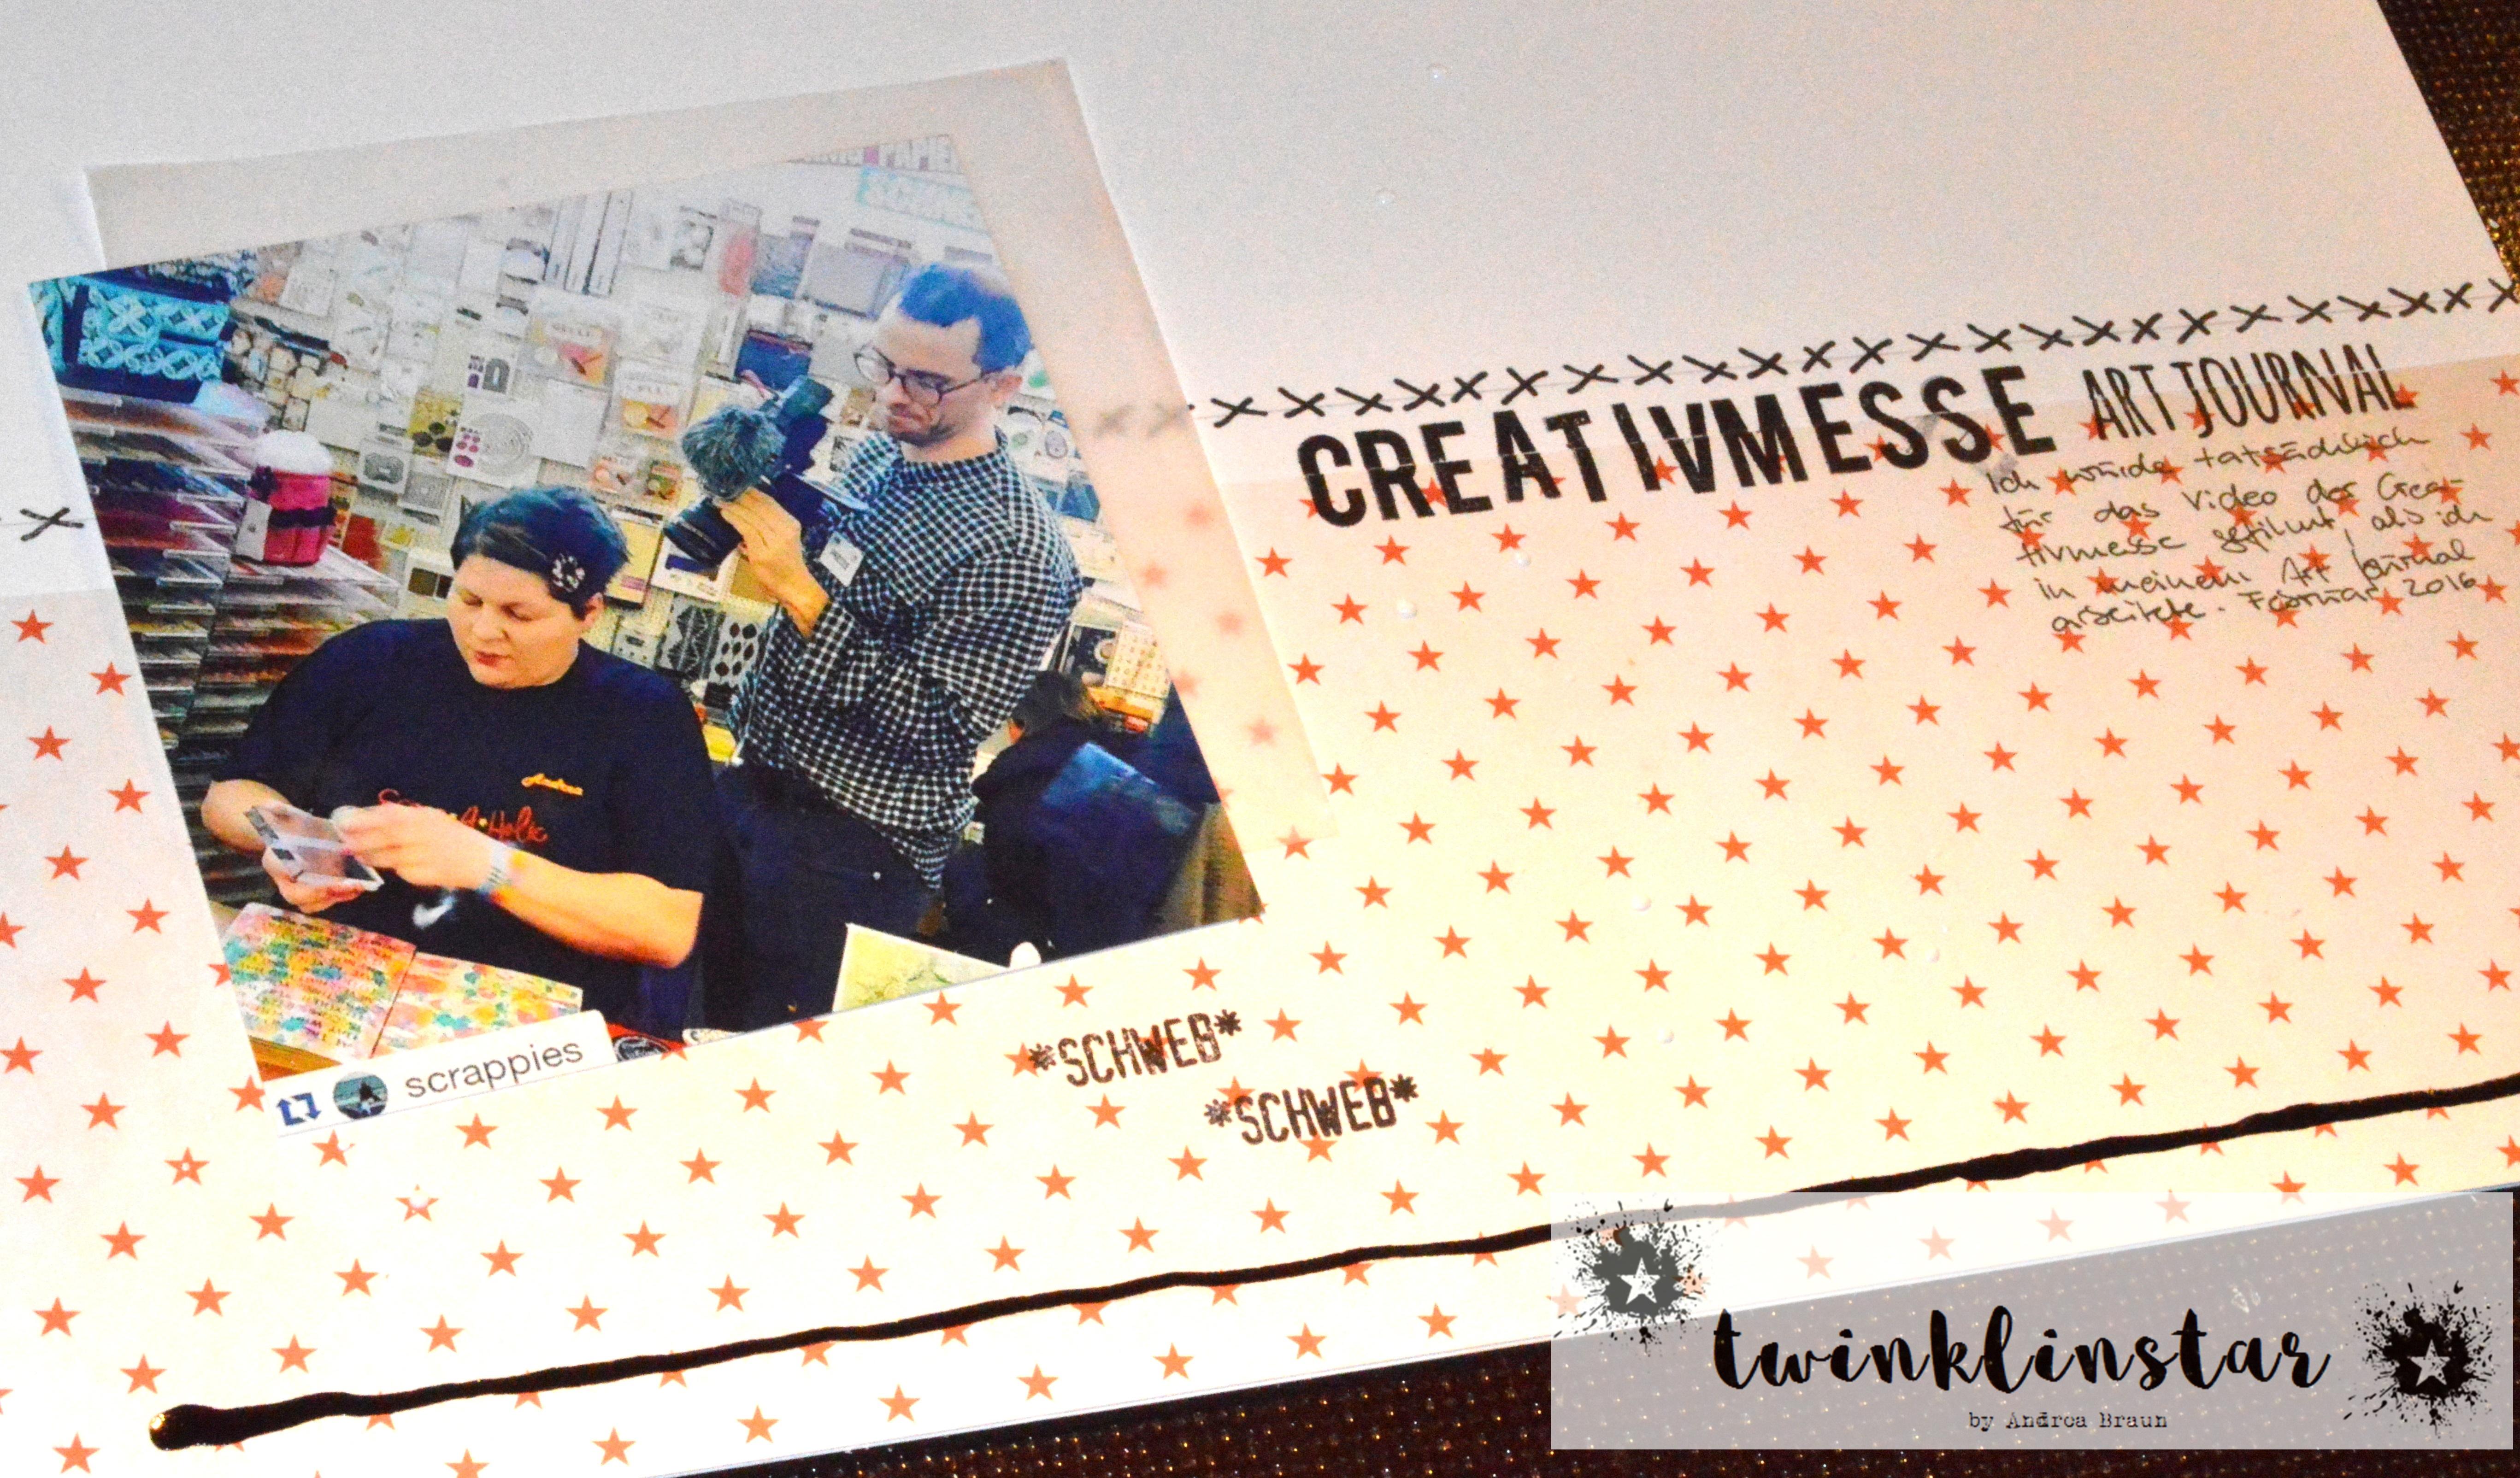 Creativmesse 2